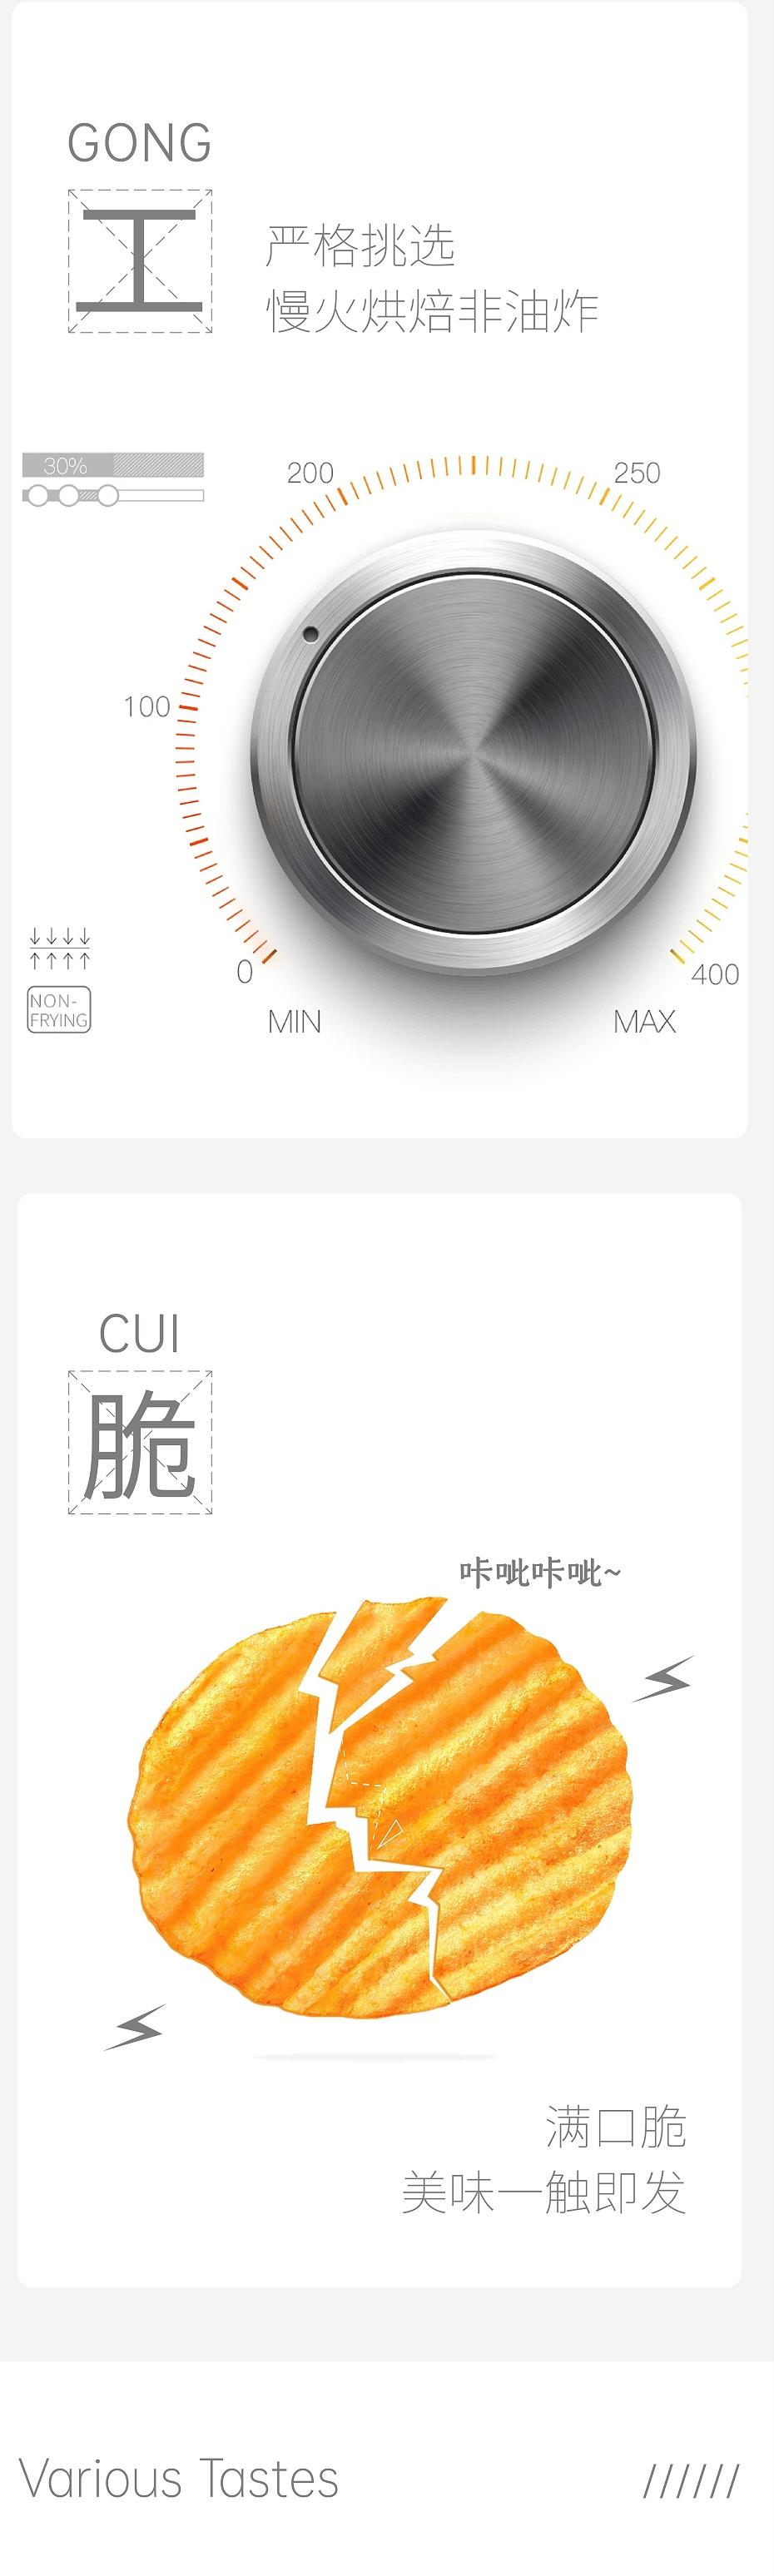 嘉友燃脆薯片